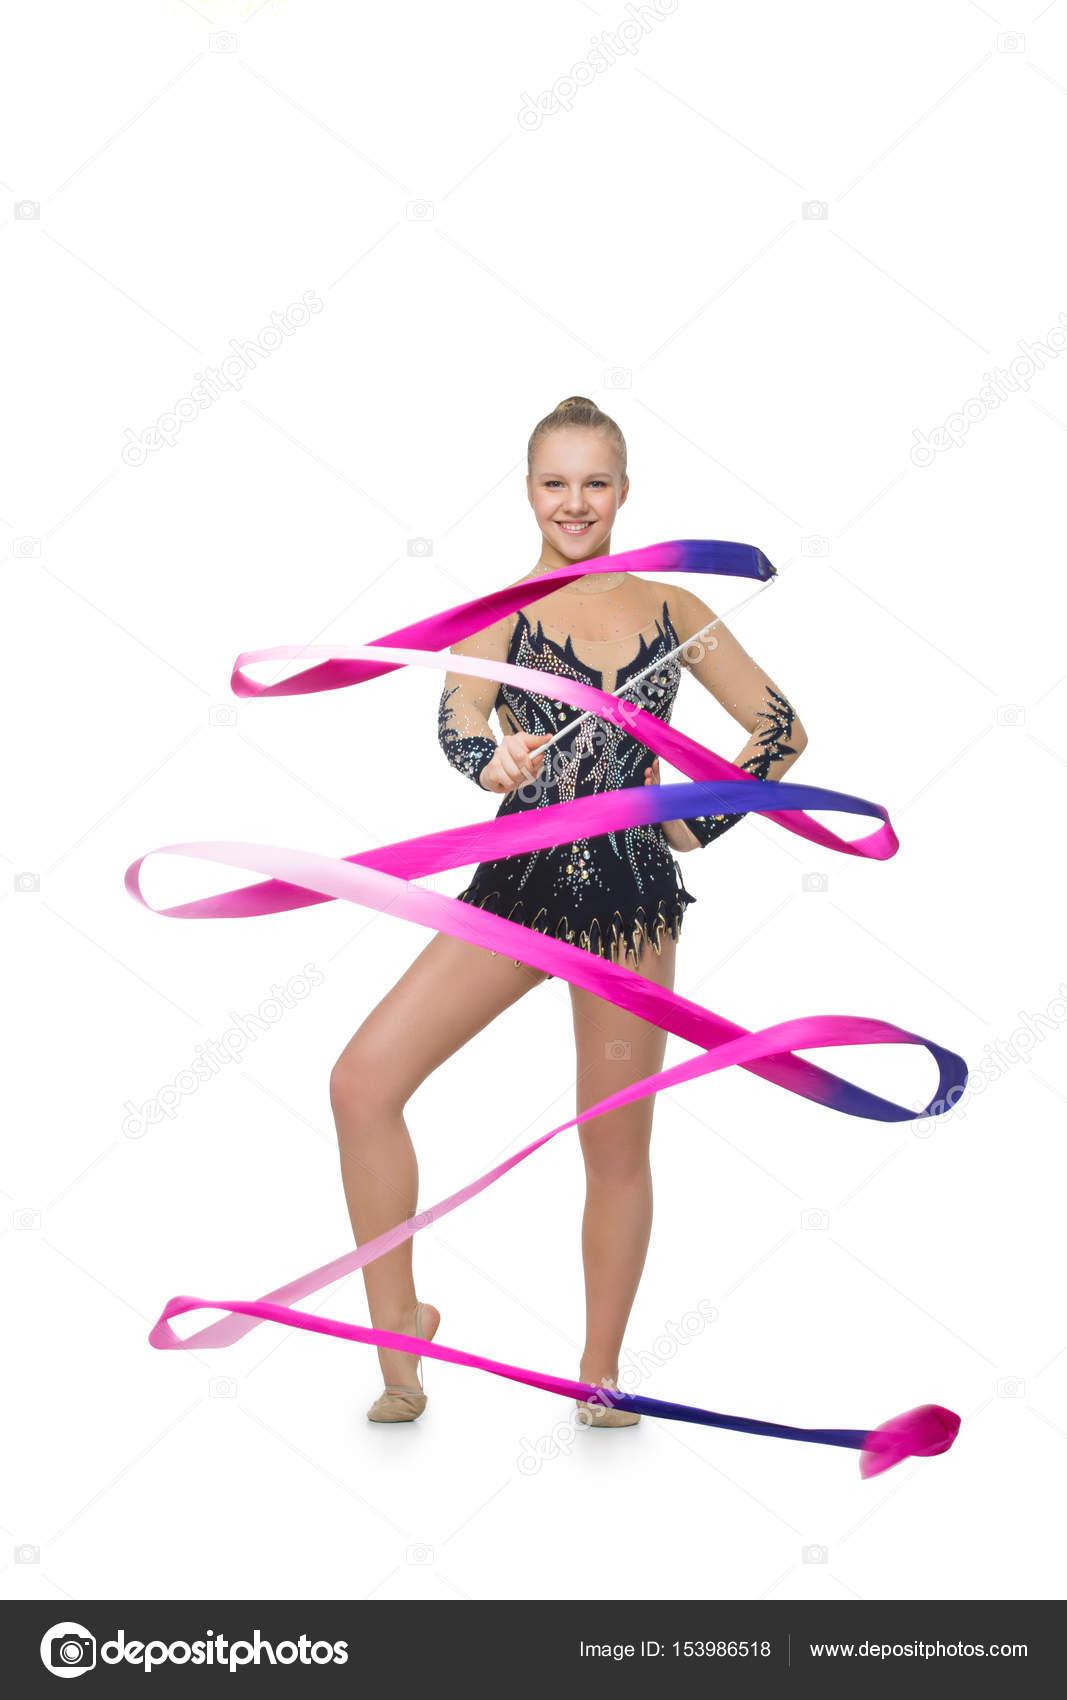 Sorry, Girl gymnastics teen something is